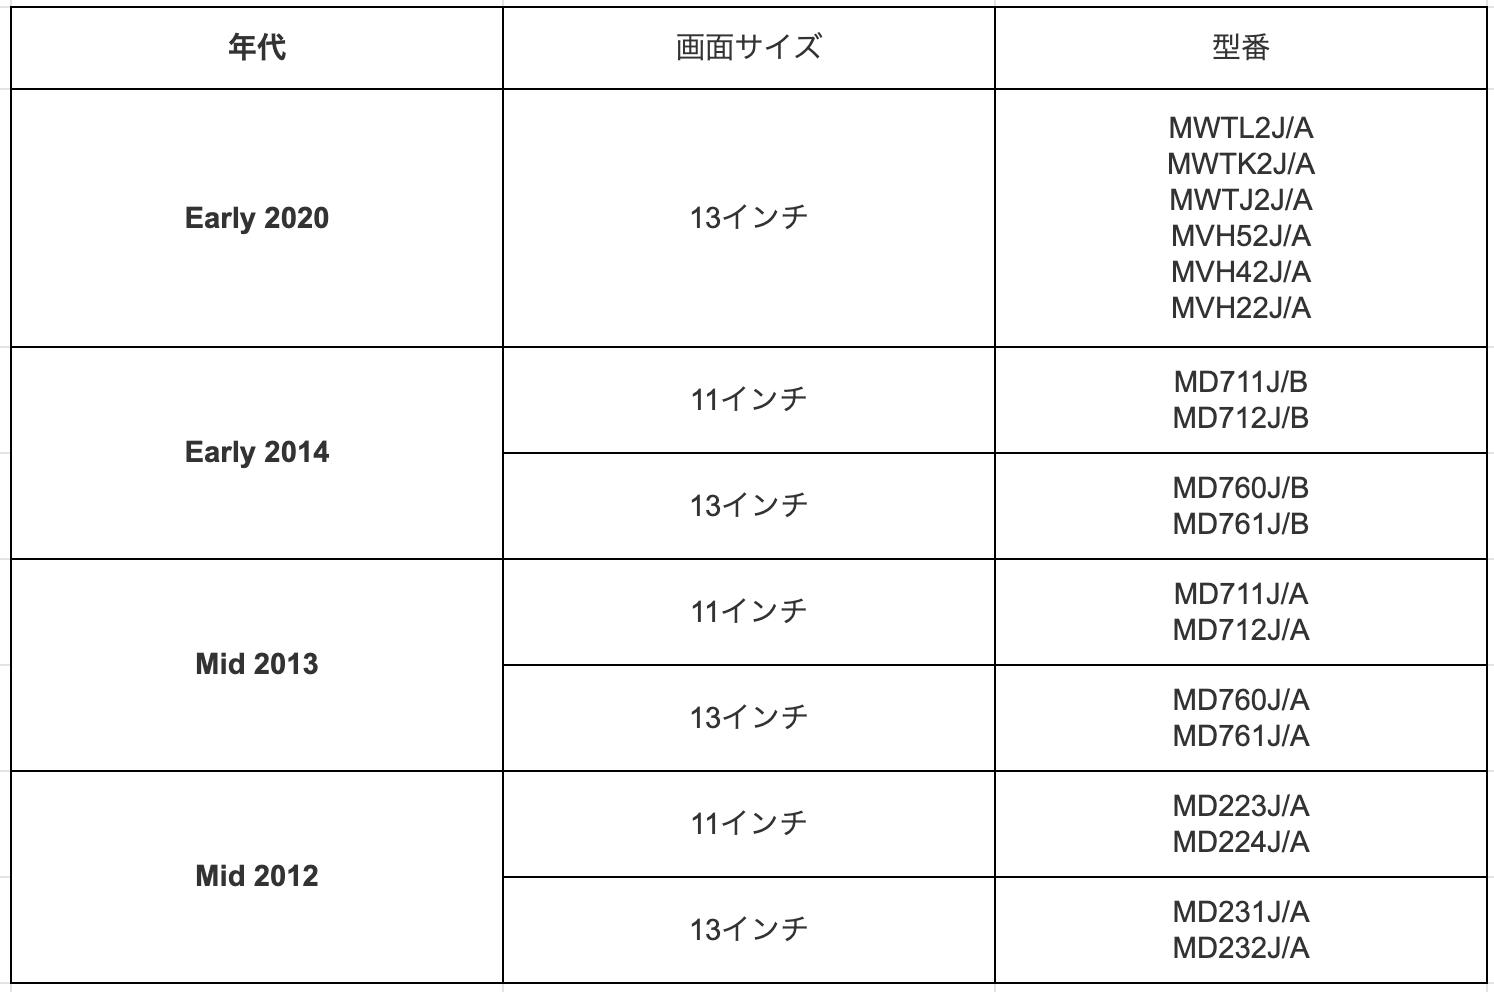 MacBook Air model number list